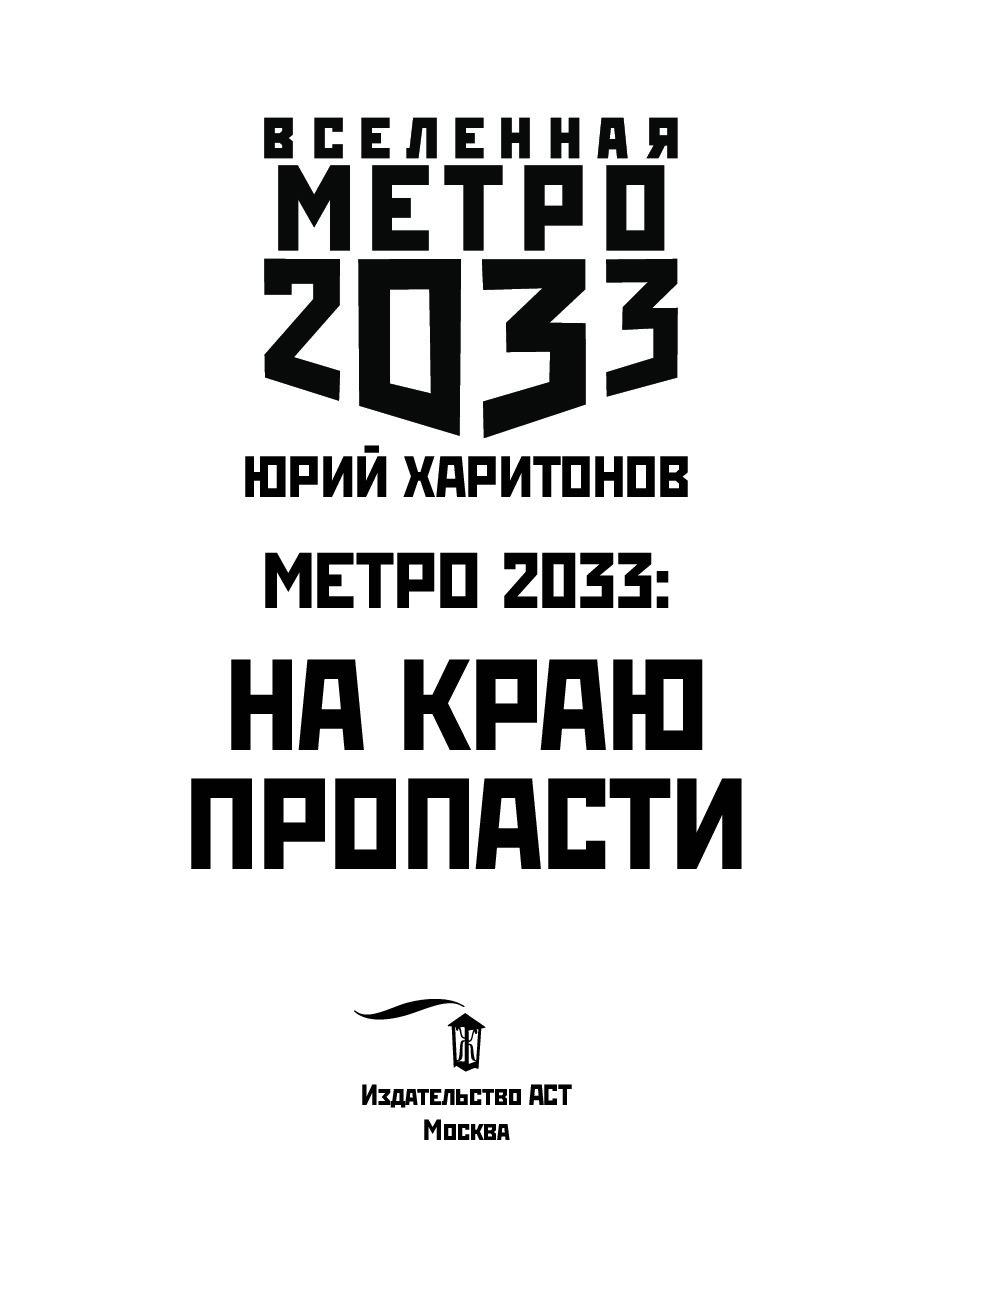 ВСЕЛЕННАЯ МЕТРО 2033 НА КРАЮ ПРОПАСТИ СКАЧАТЬ БЕСПЛАТНО